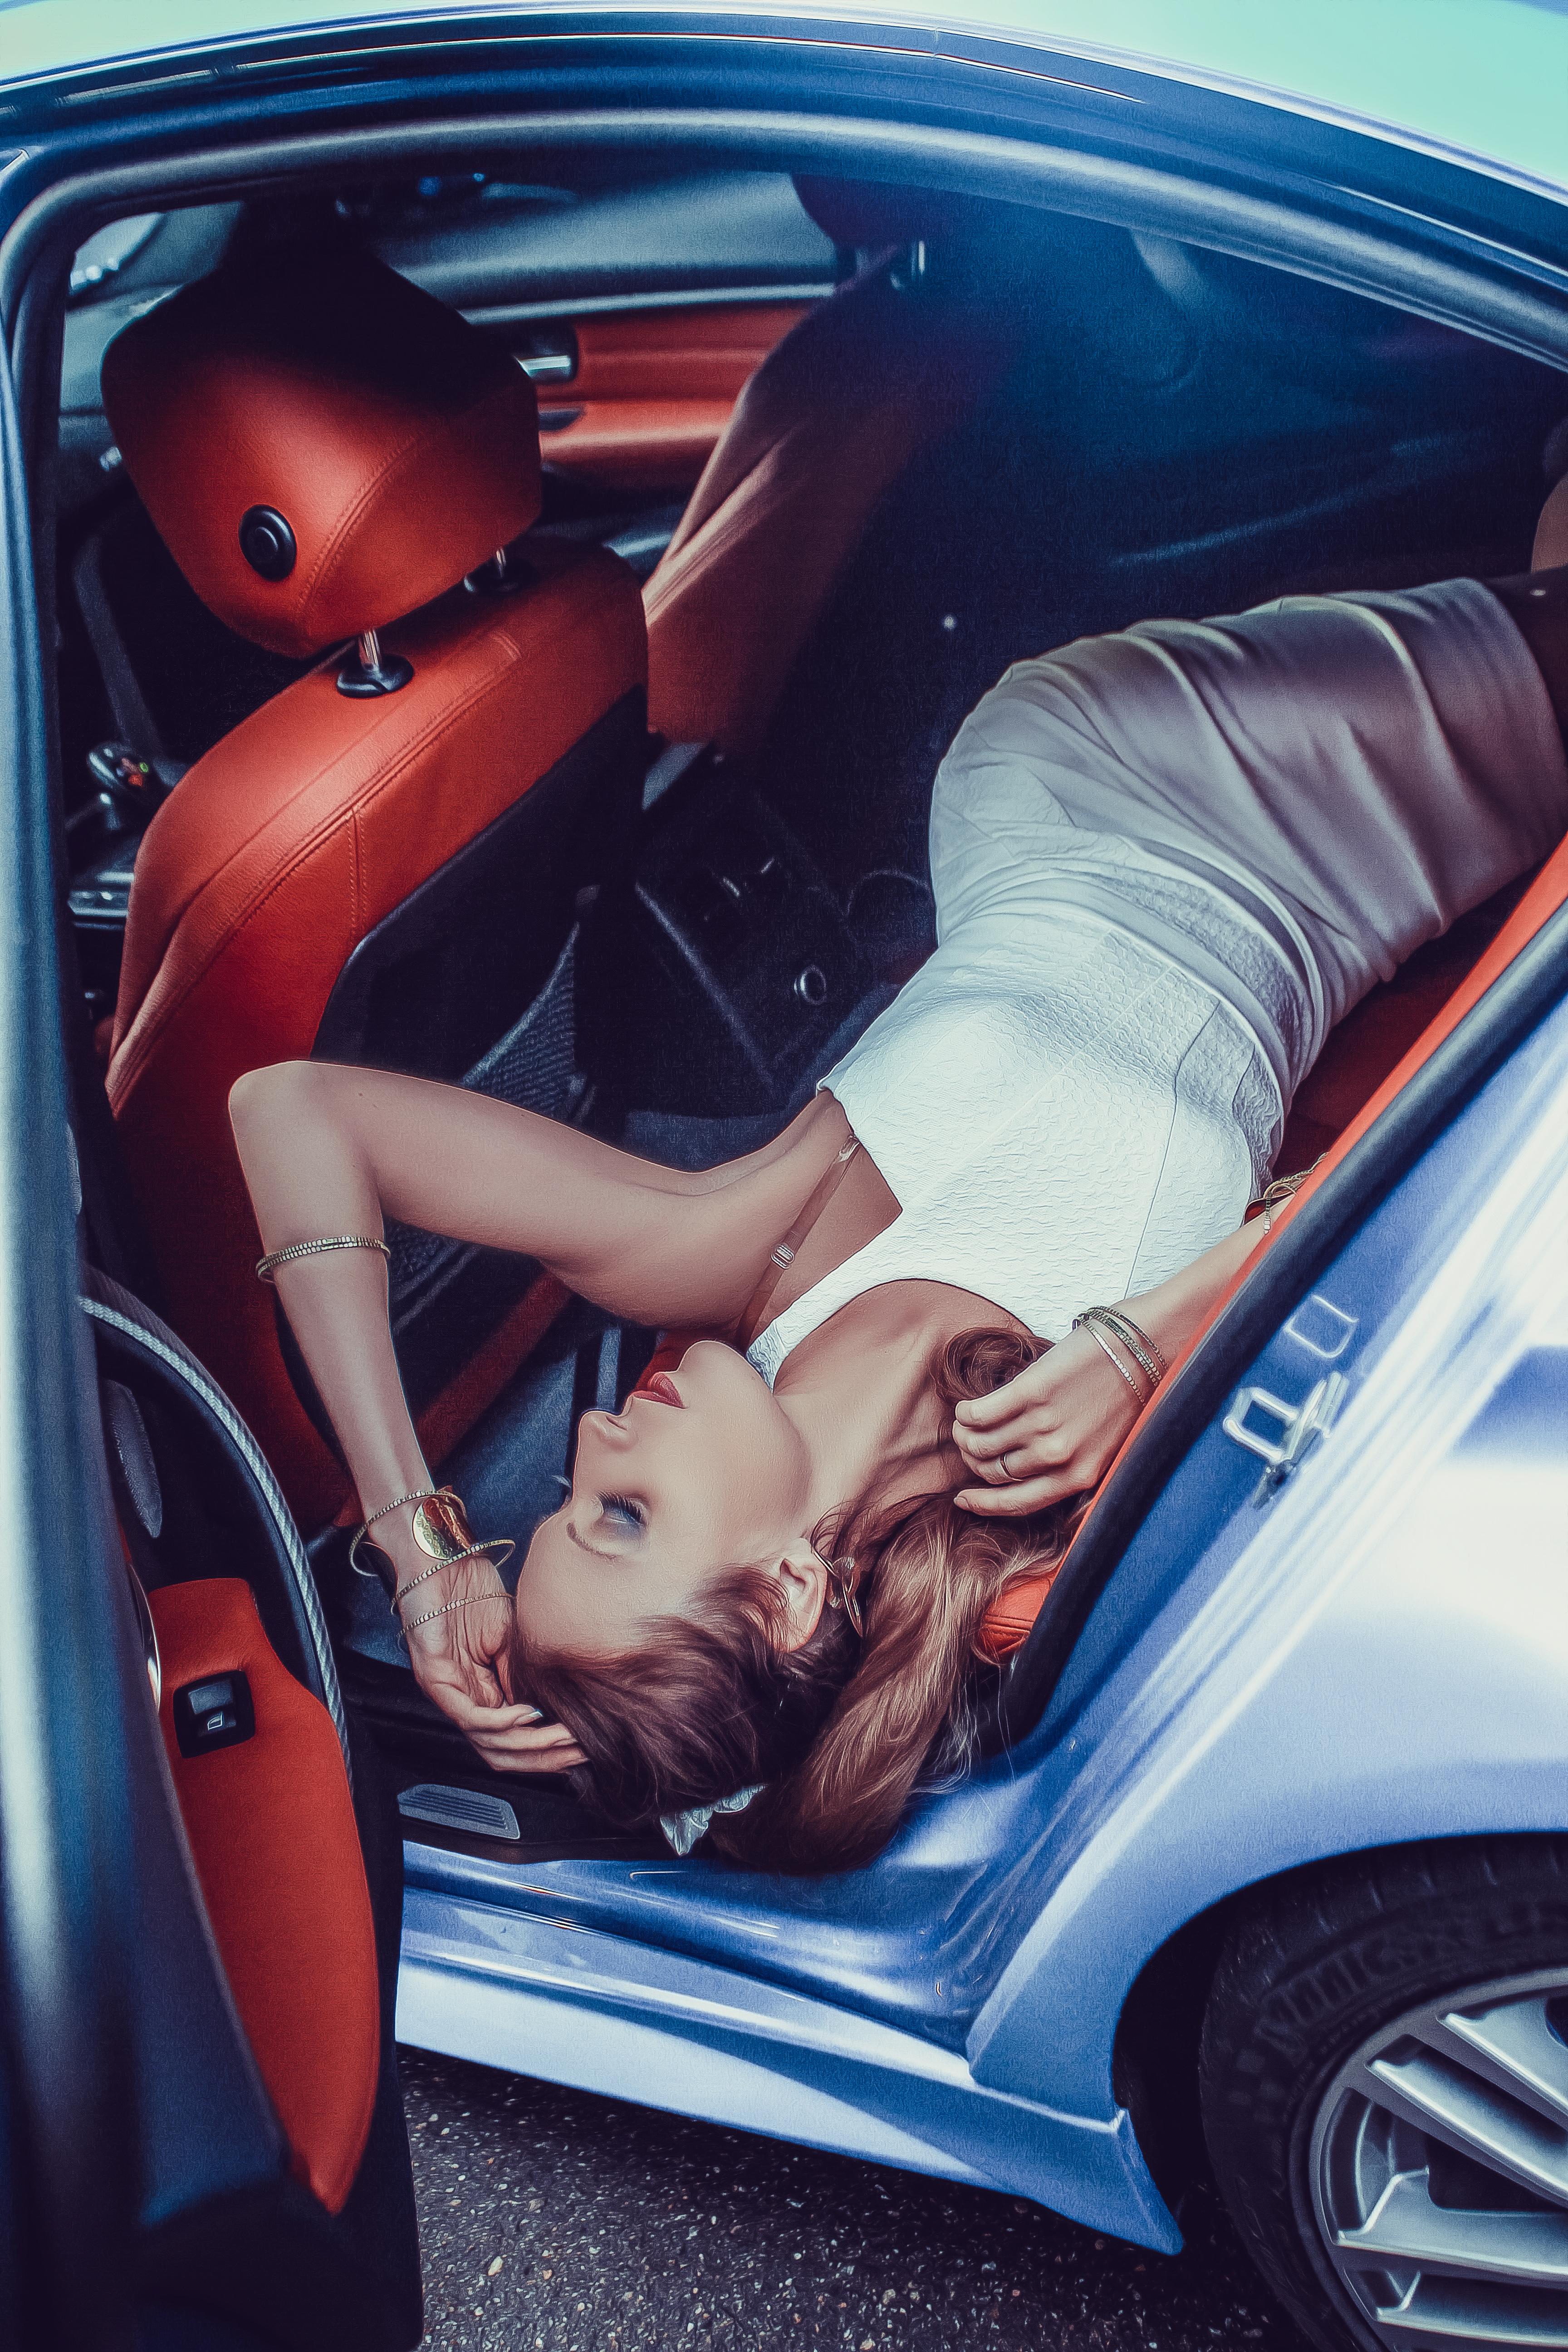 Девушка в белом обтягивающем платье в салоне машины